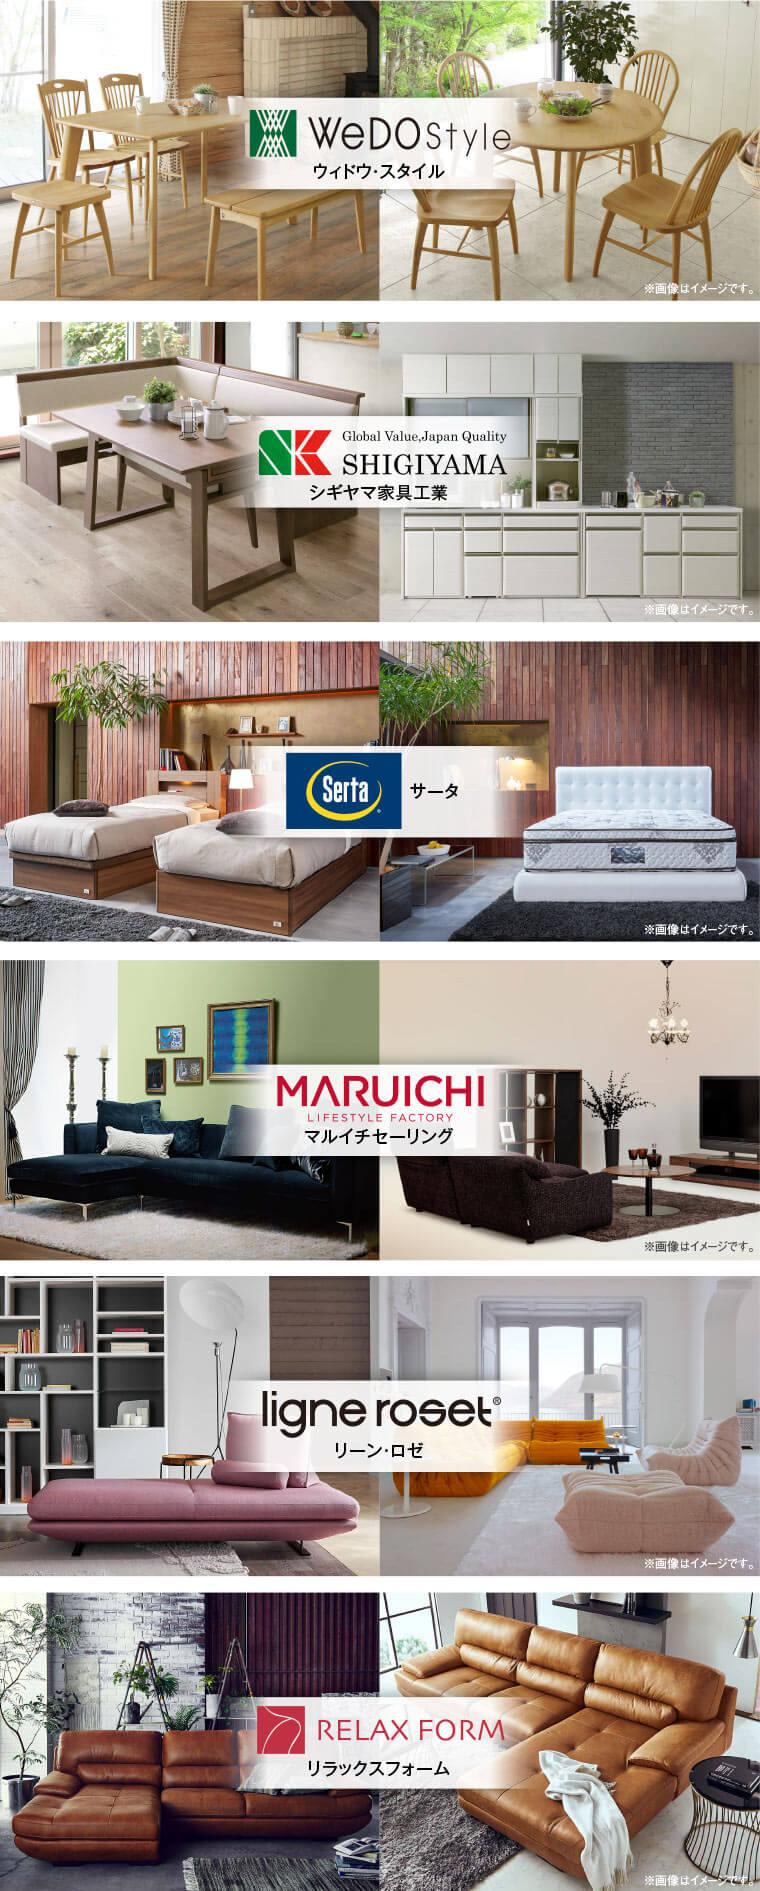 国内外有名一流家具メーカー